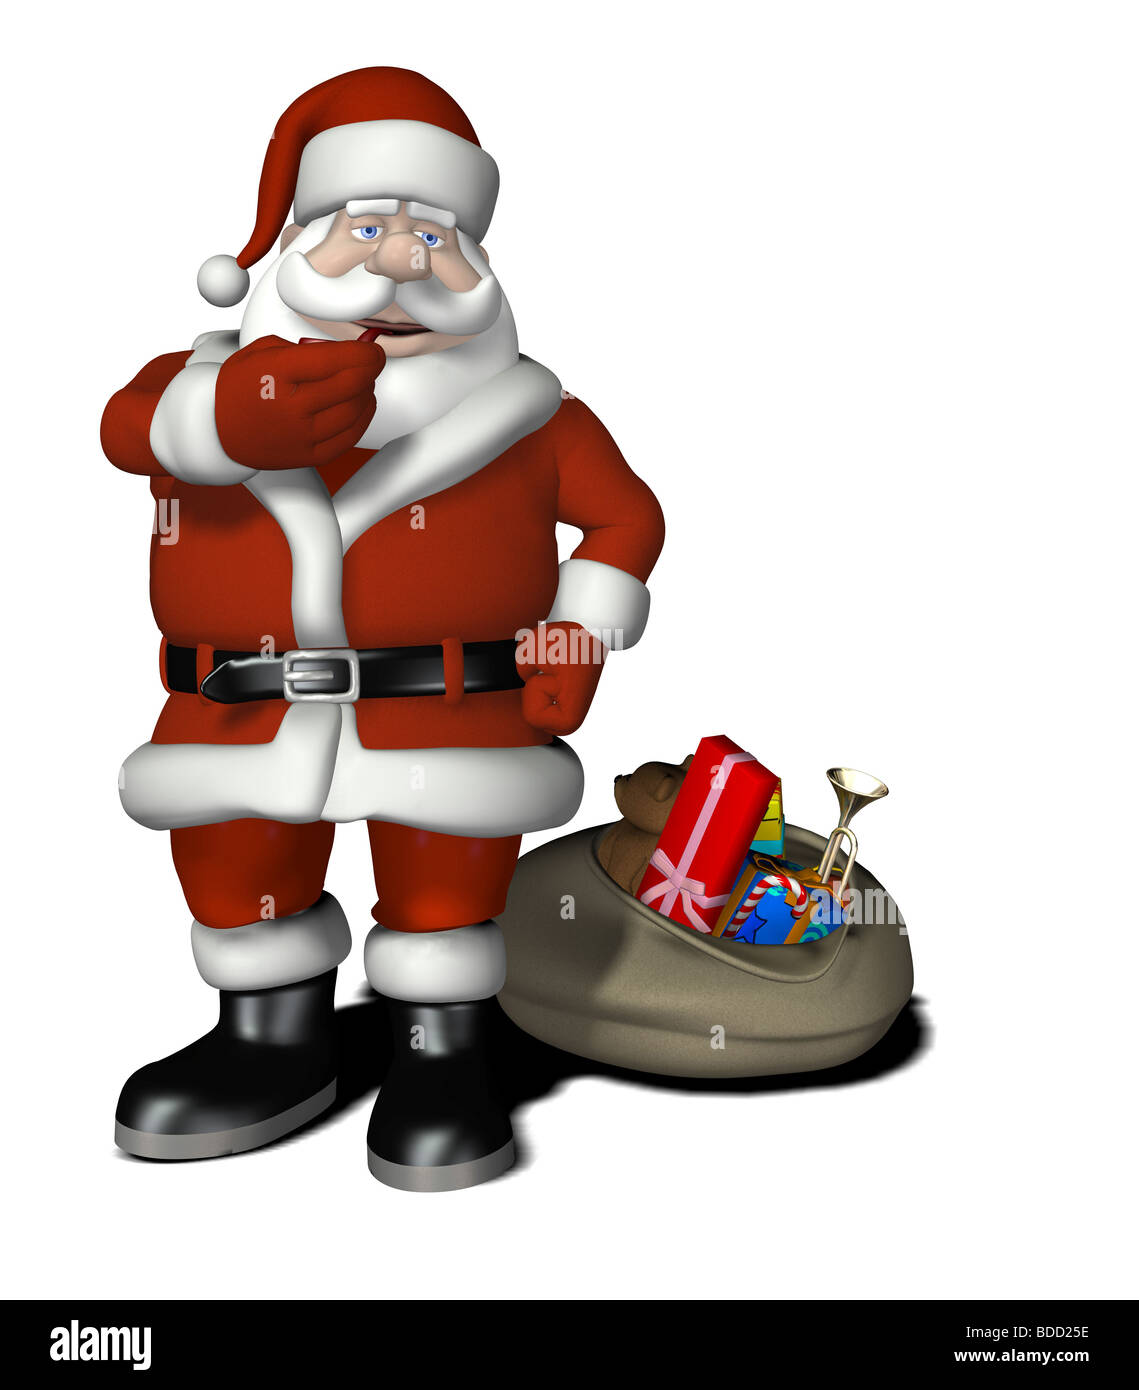 Weihnachtsmann mit Geschenken und Weihnachtsbaum cartoon Stockbild